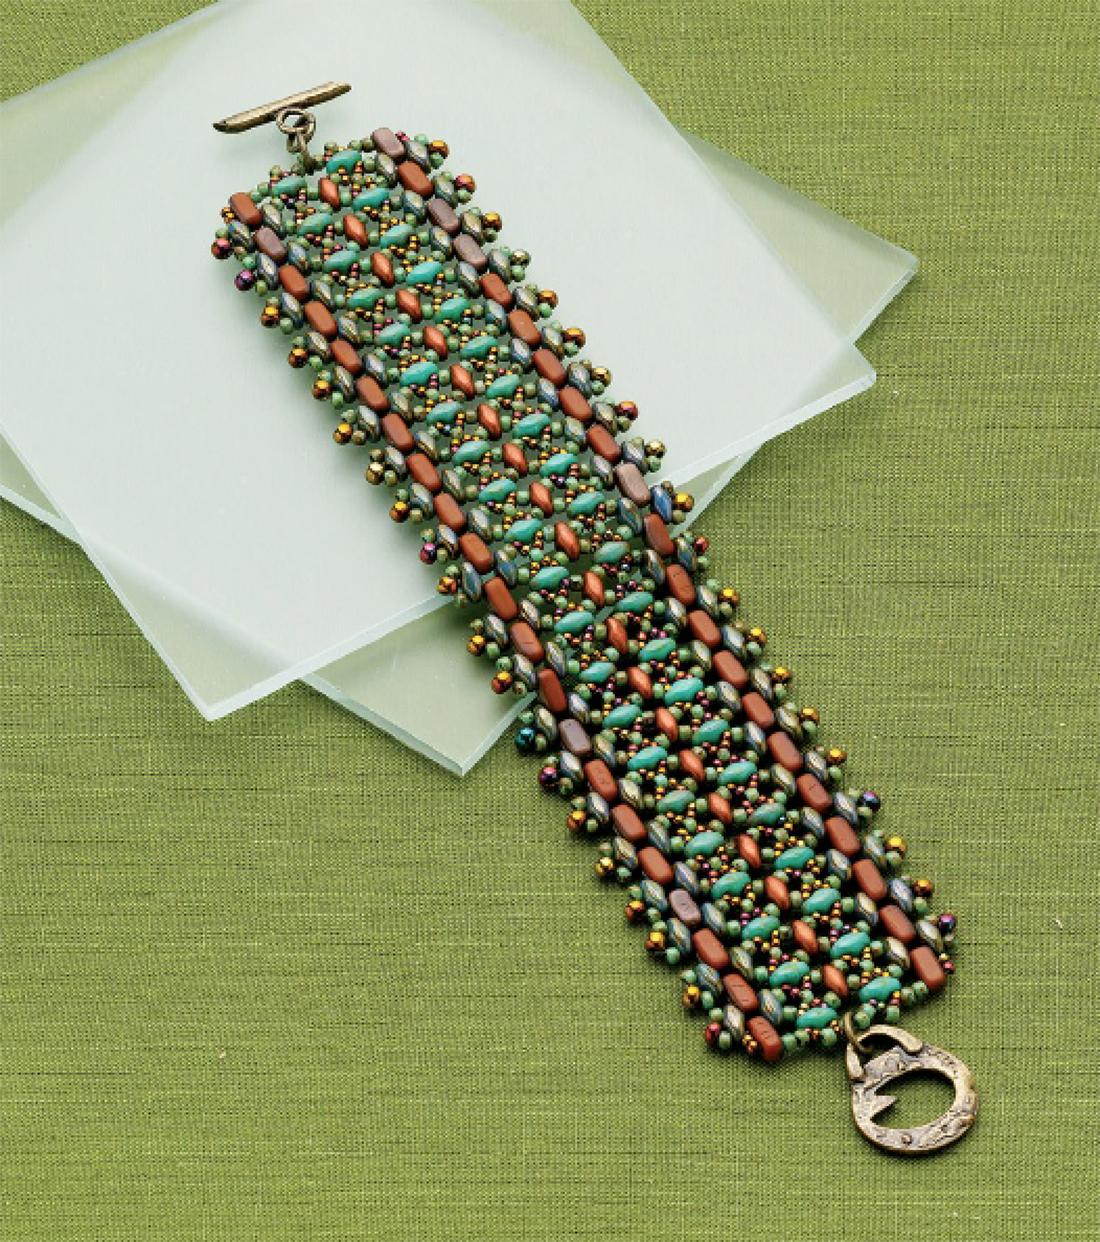 Botanic Gardens Bracelet by Svetlana Chernitsky 2 different two-hole shape beads stitched using netting and fringe